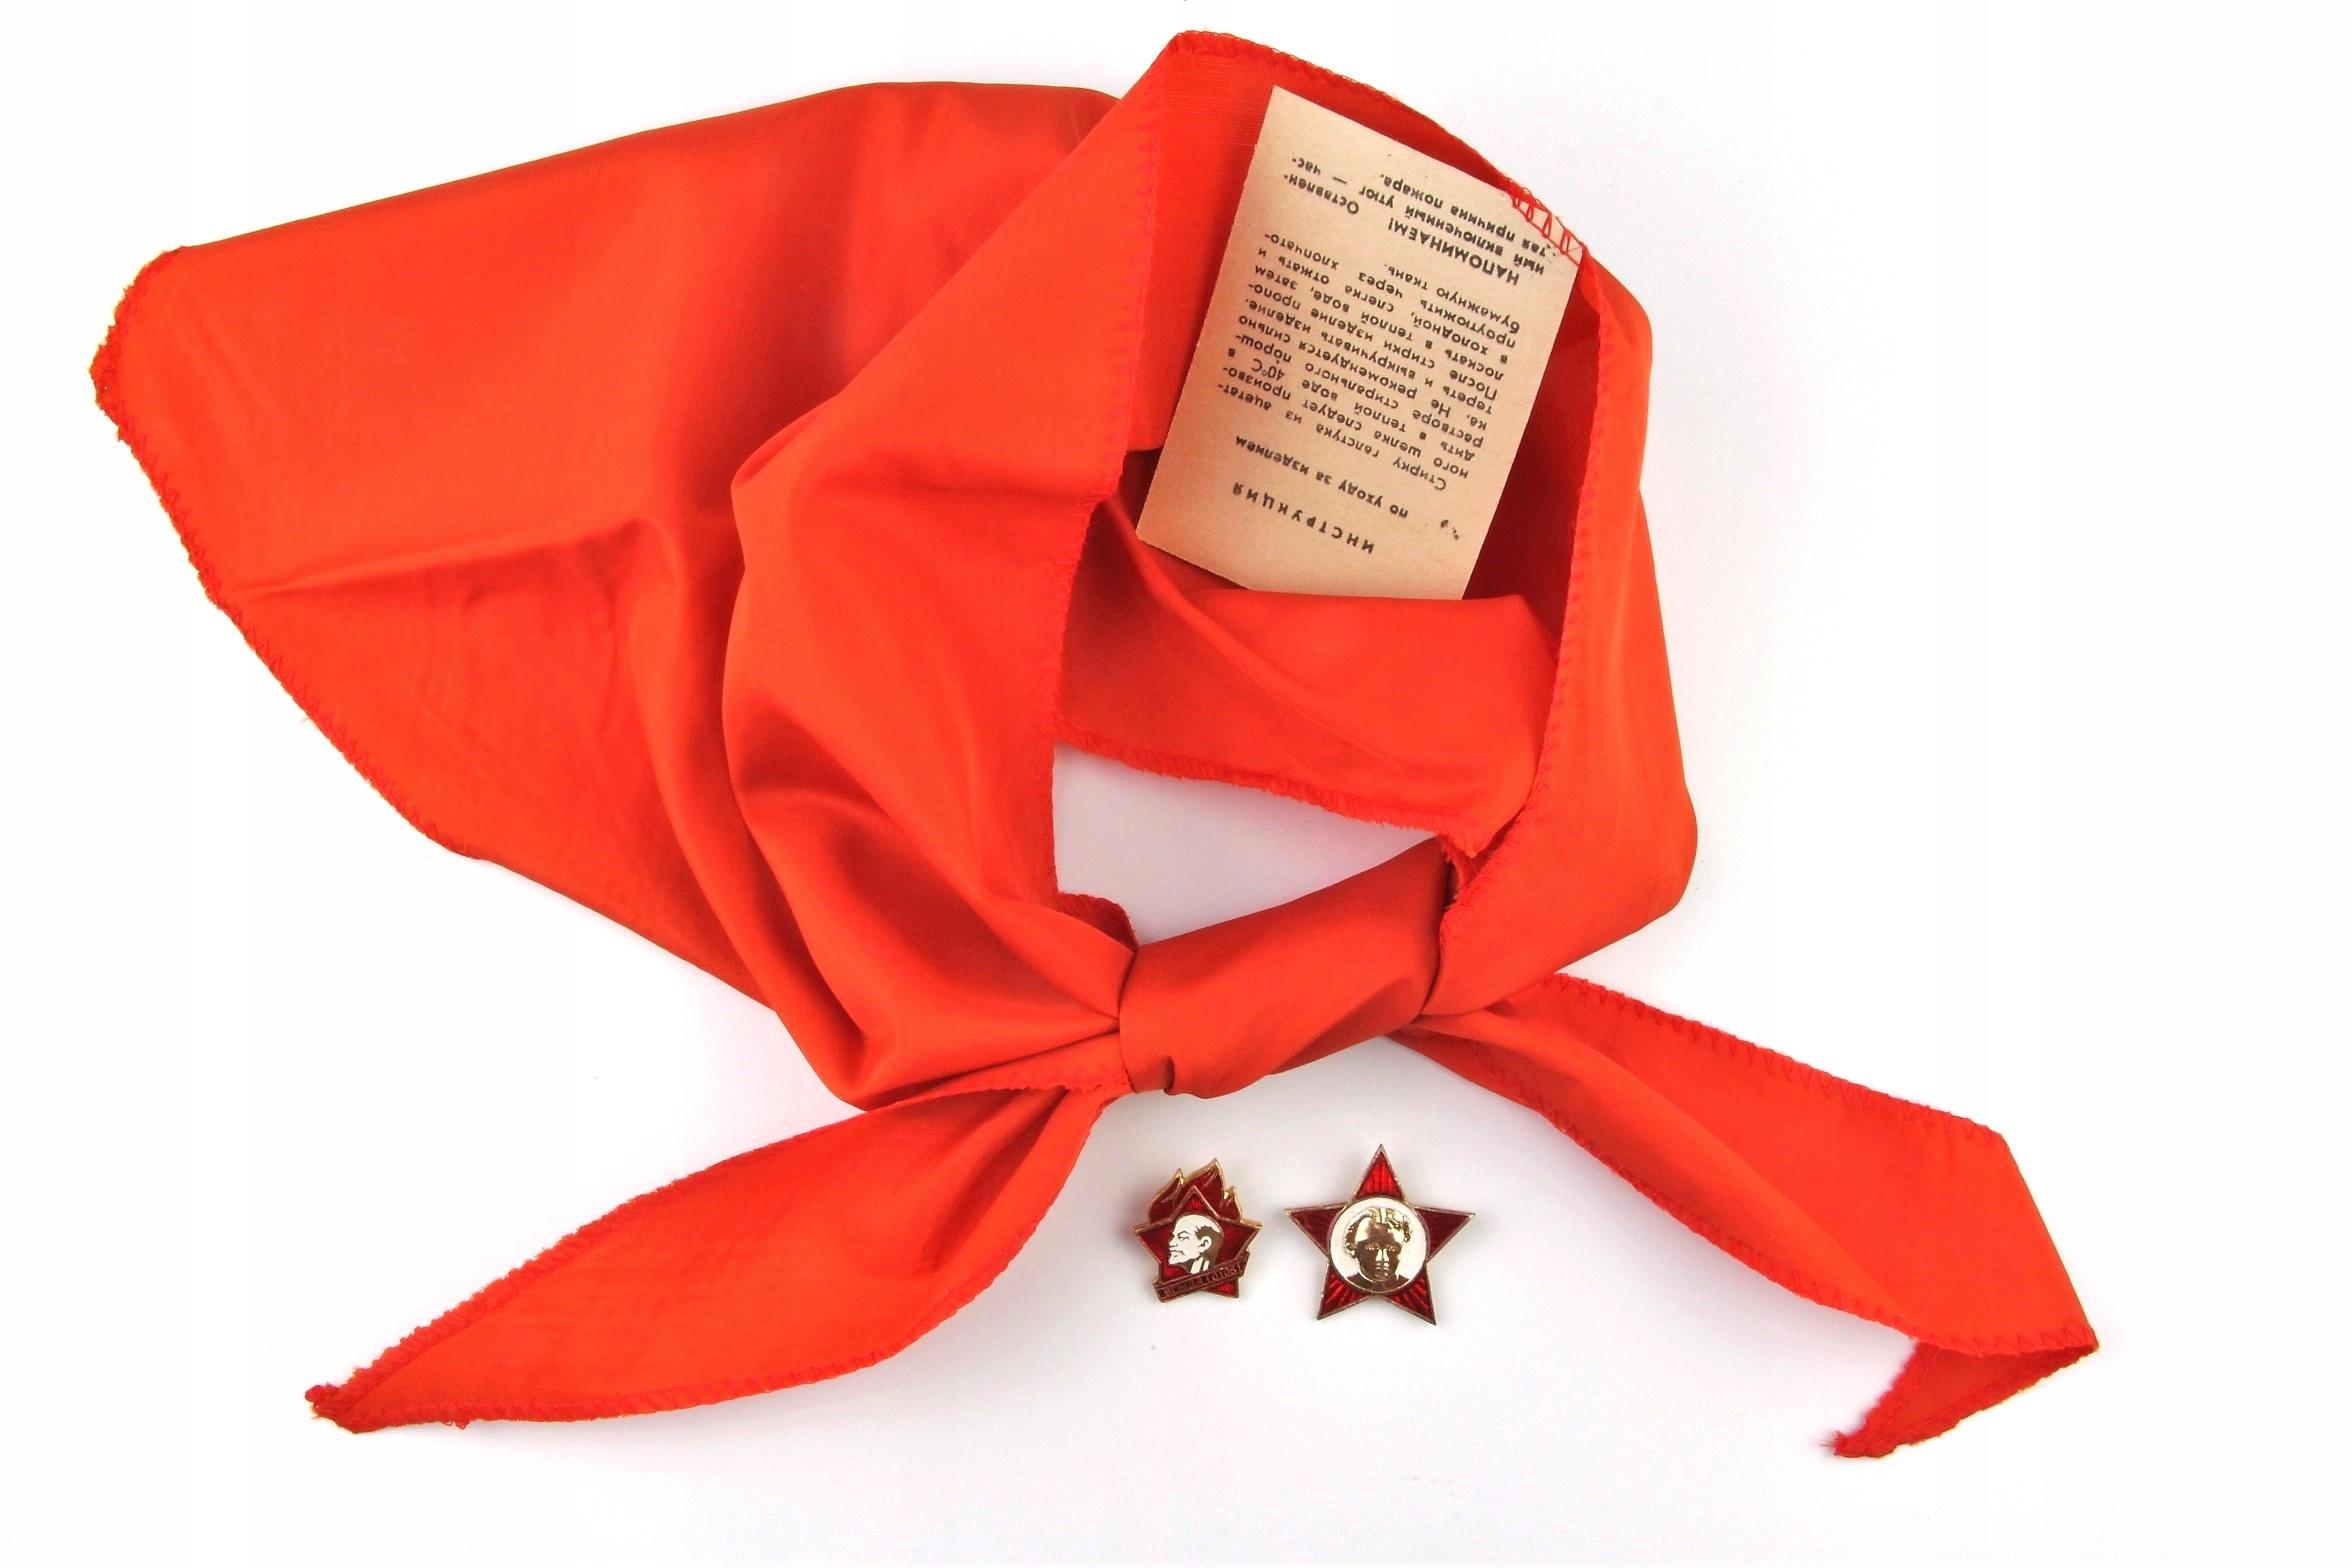 Radziecki pionierski krawat i odznaką + gratis